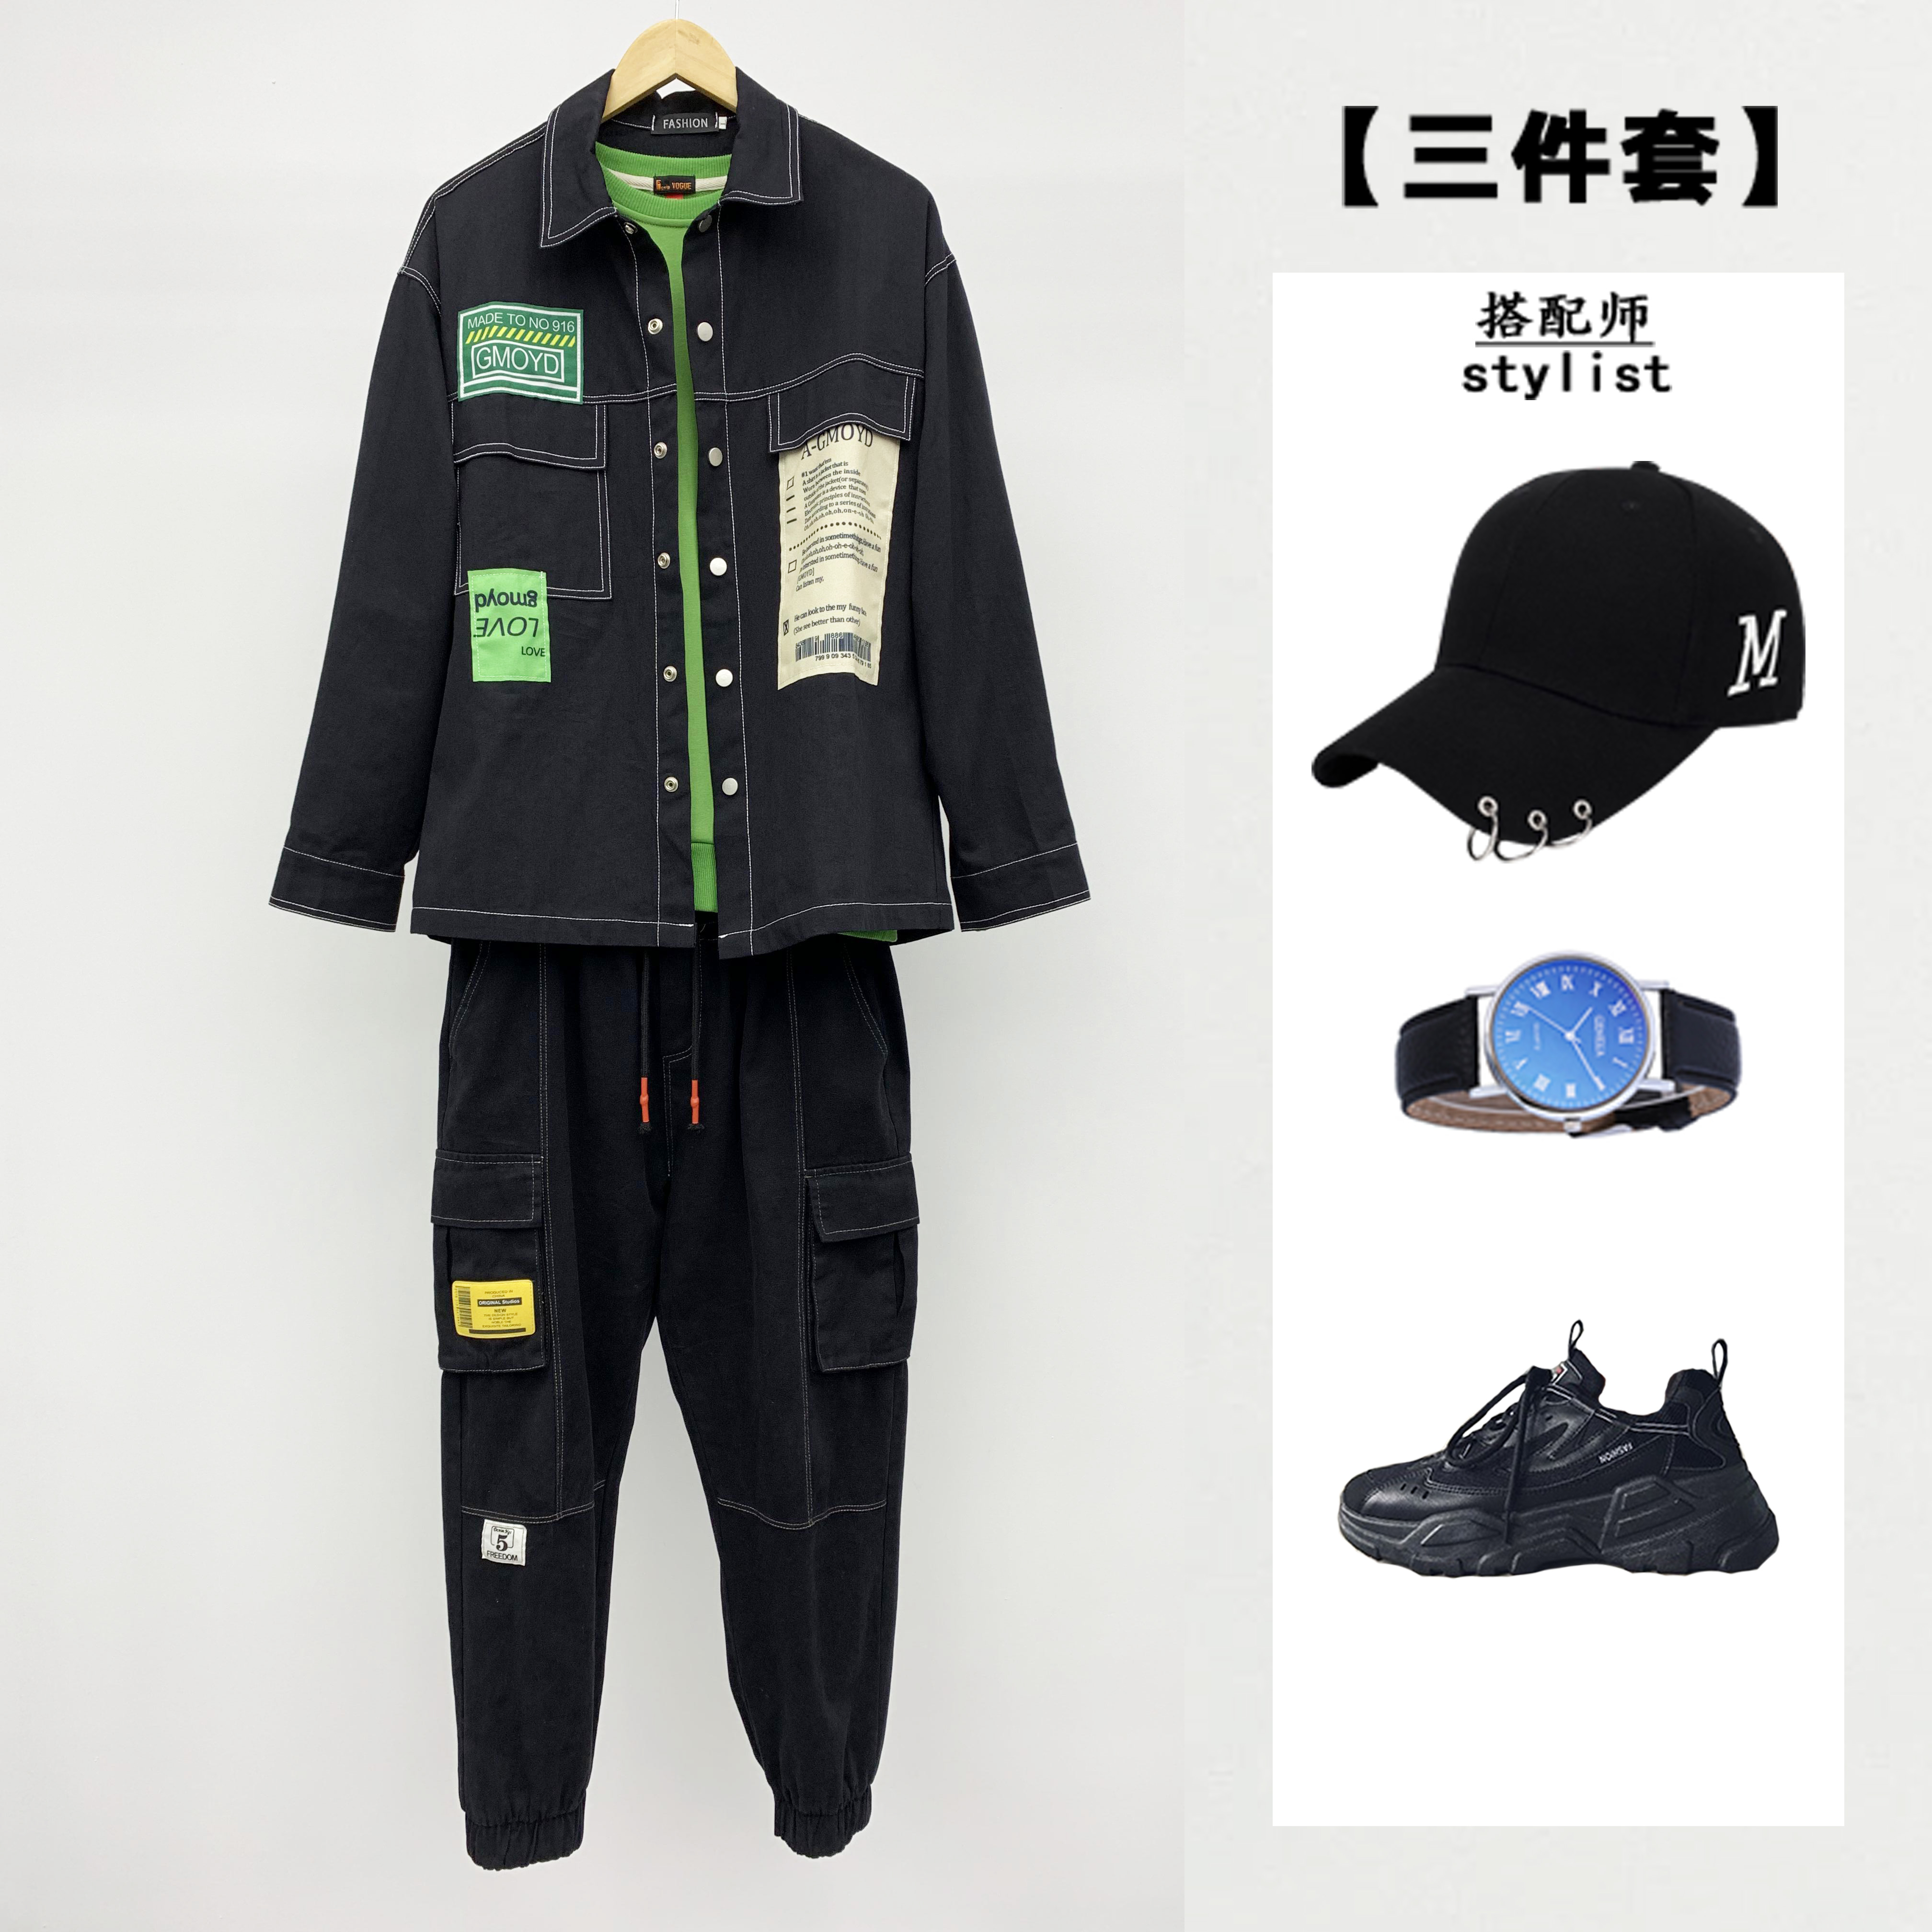 【三件套】男士工装夹克+工装裤+男士卫衣